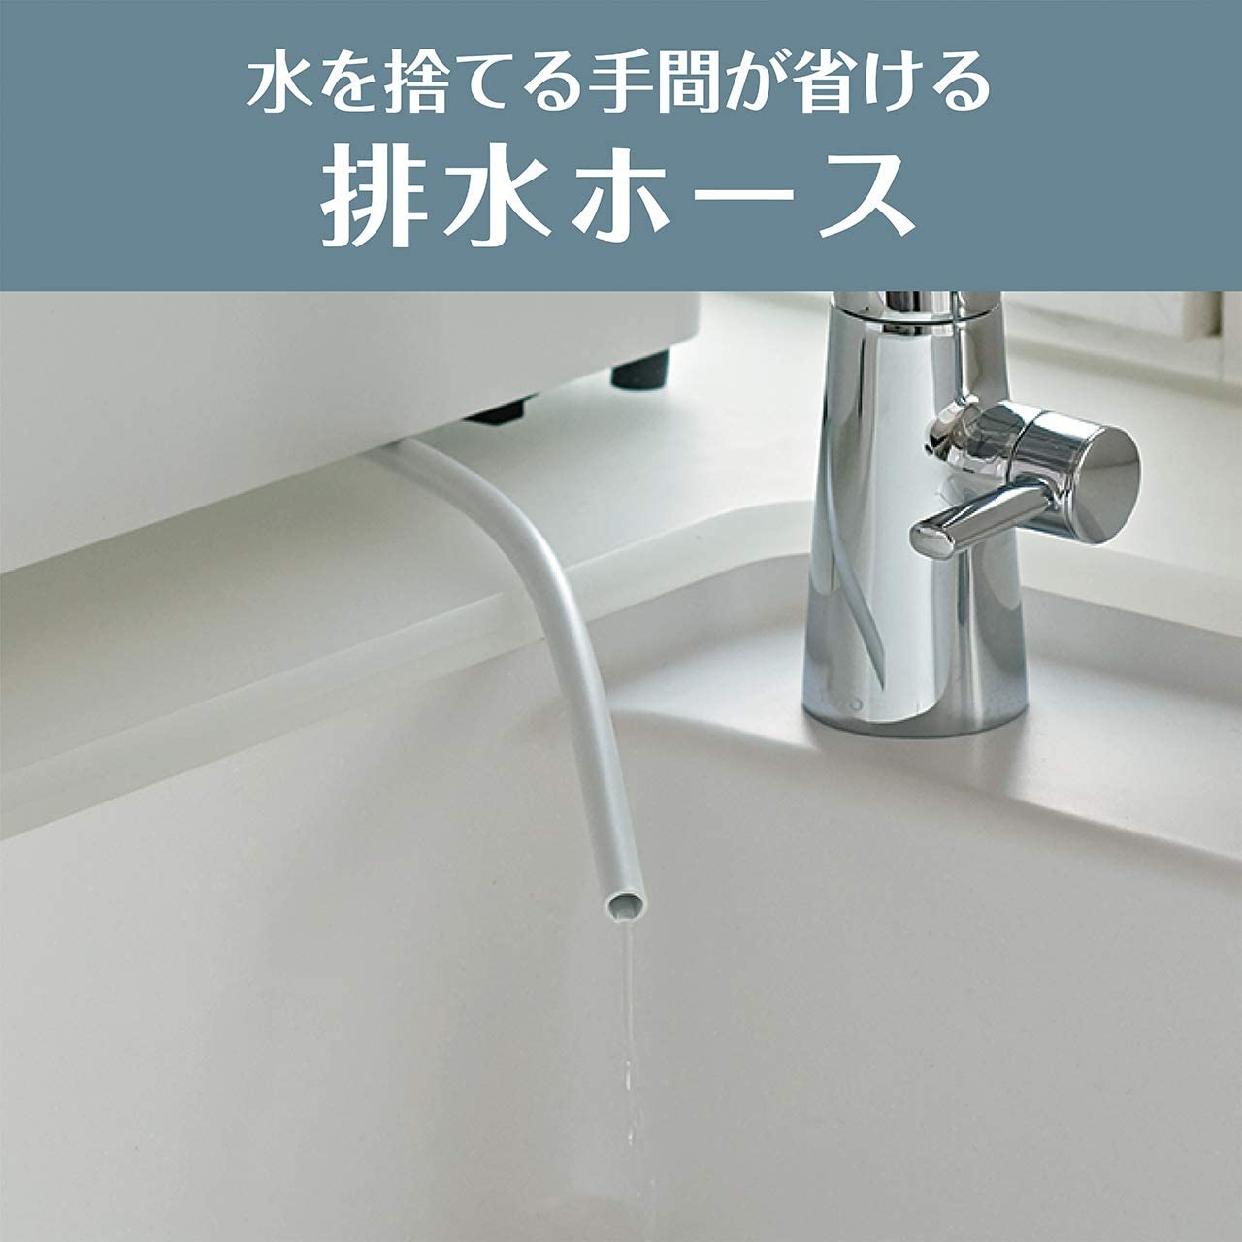 KOIZUMI(コイズミ) 食器乾燥器 KDE-0500の商品画像7